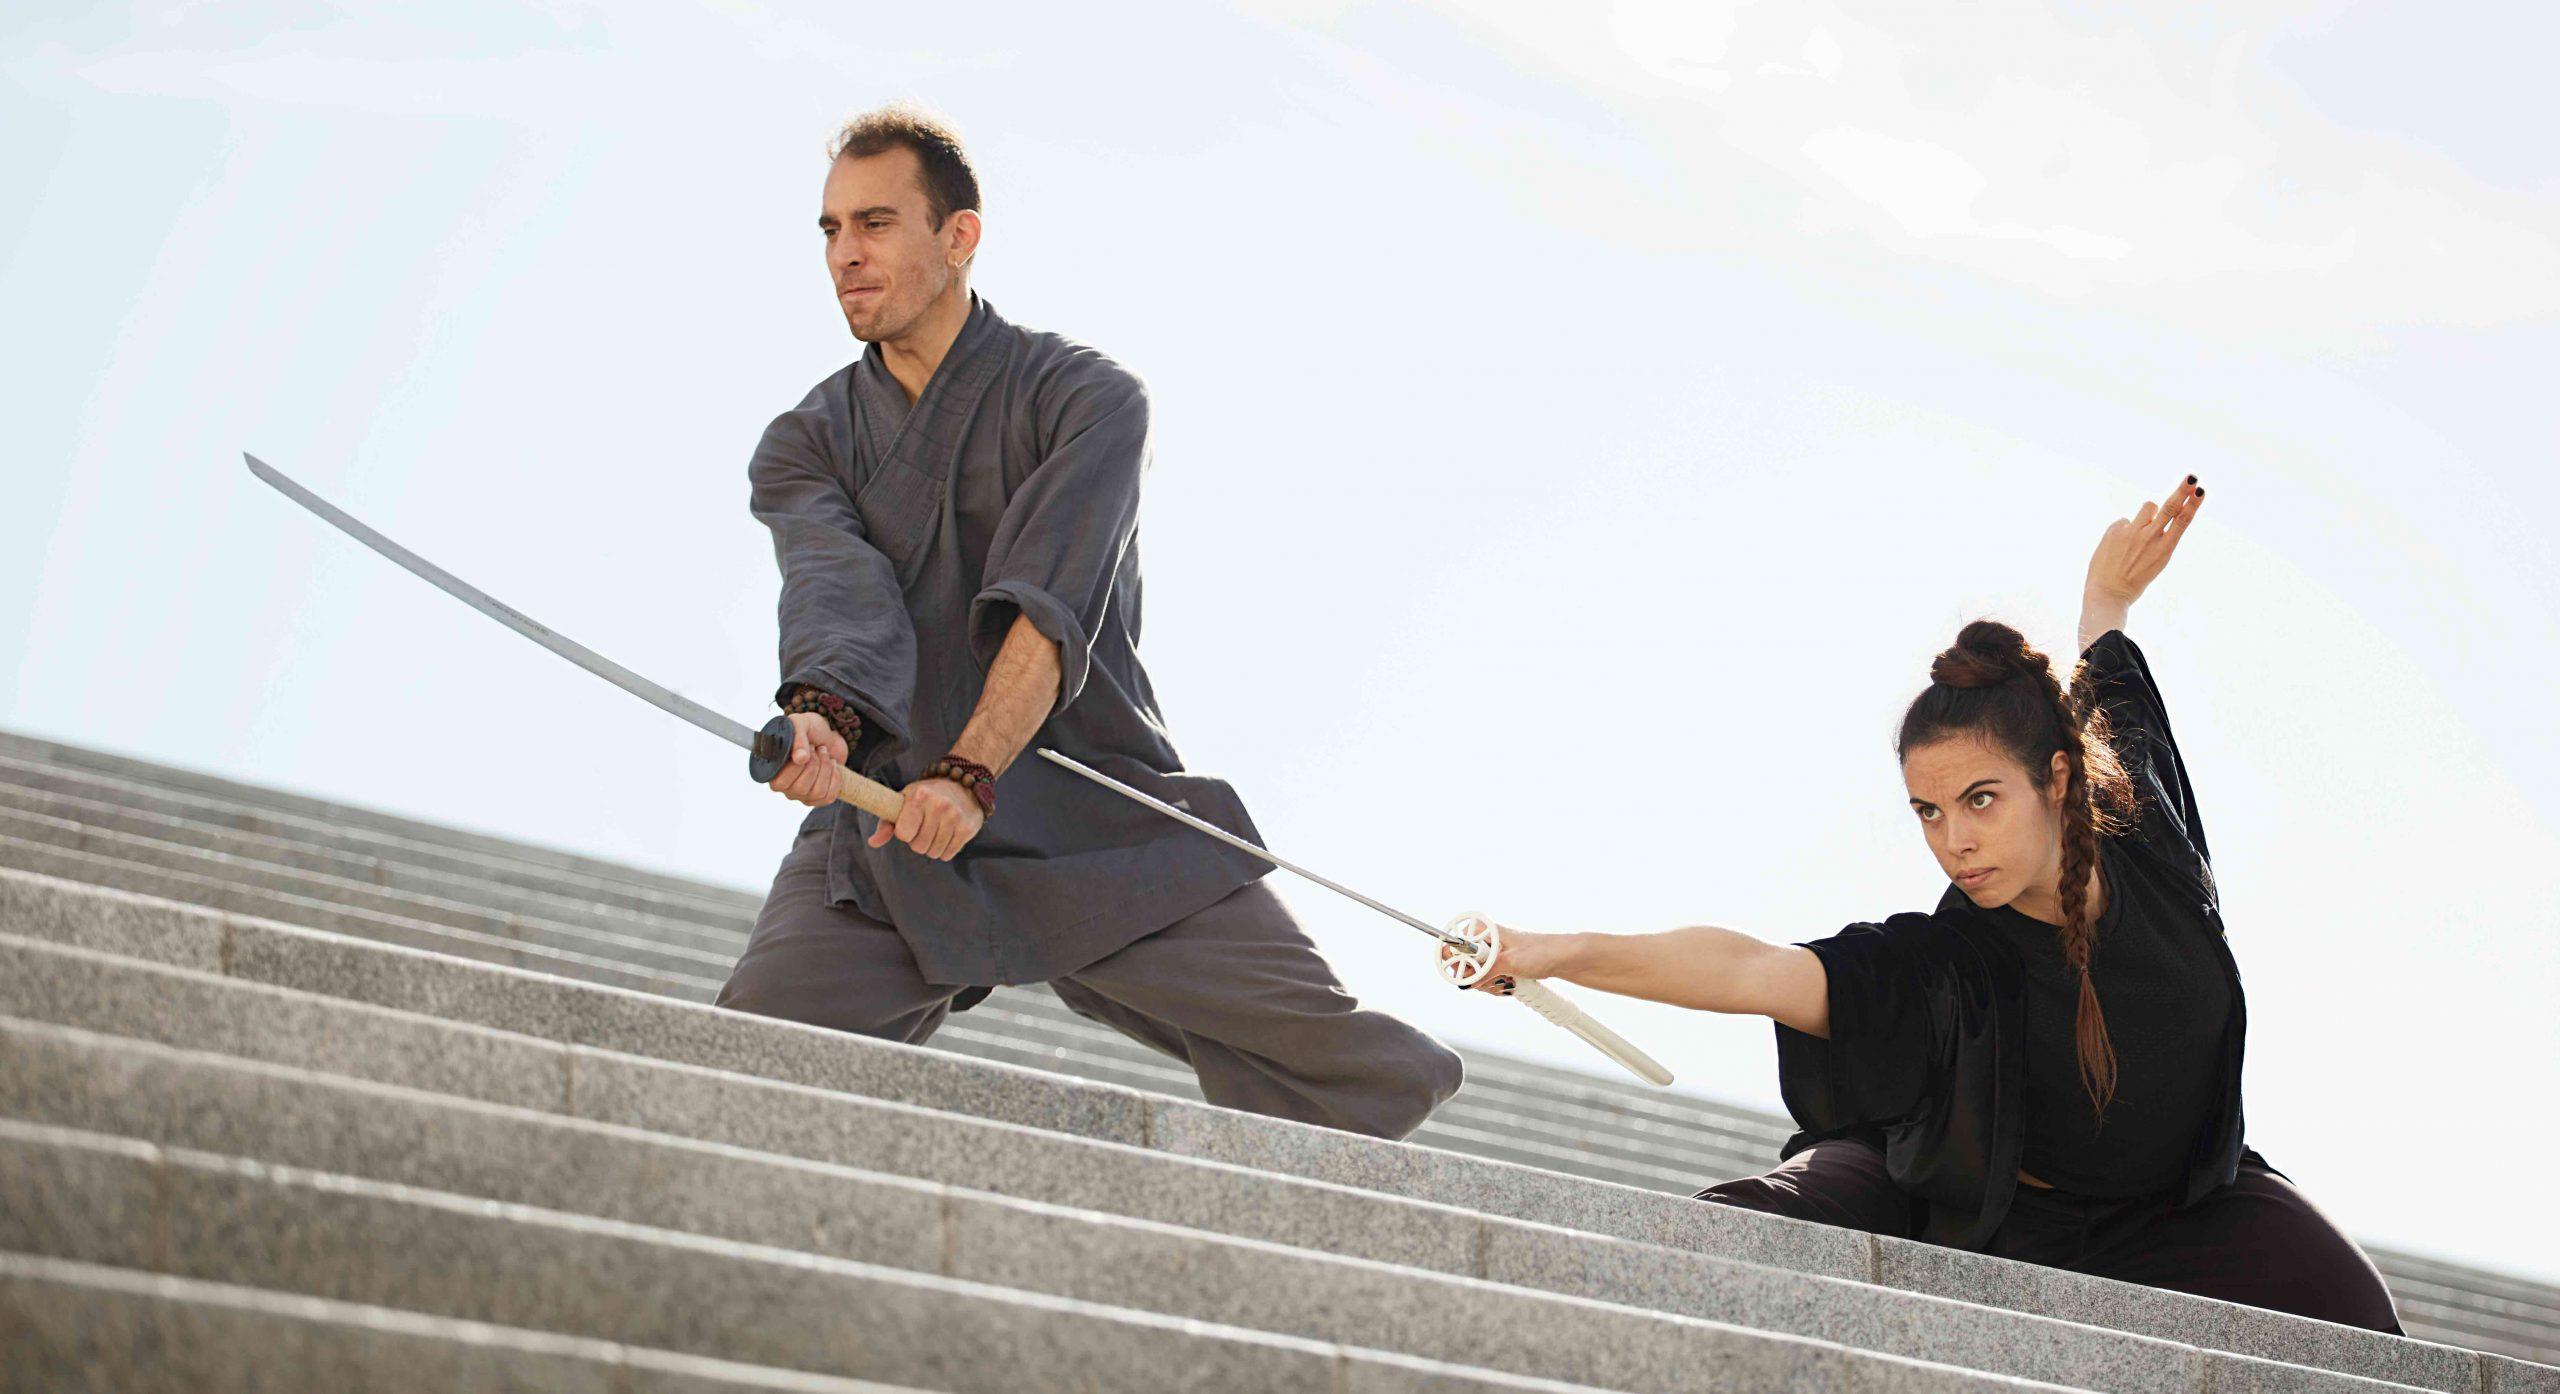 especialistas-cine-accion-artes-marciales